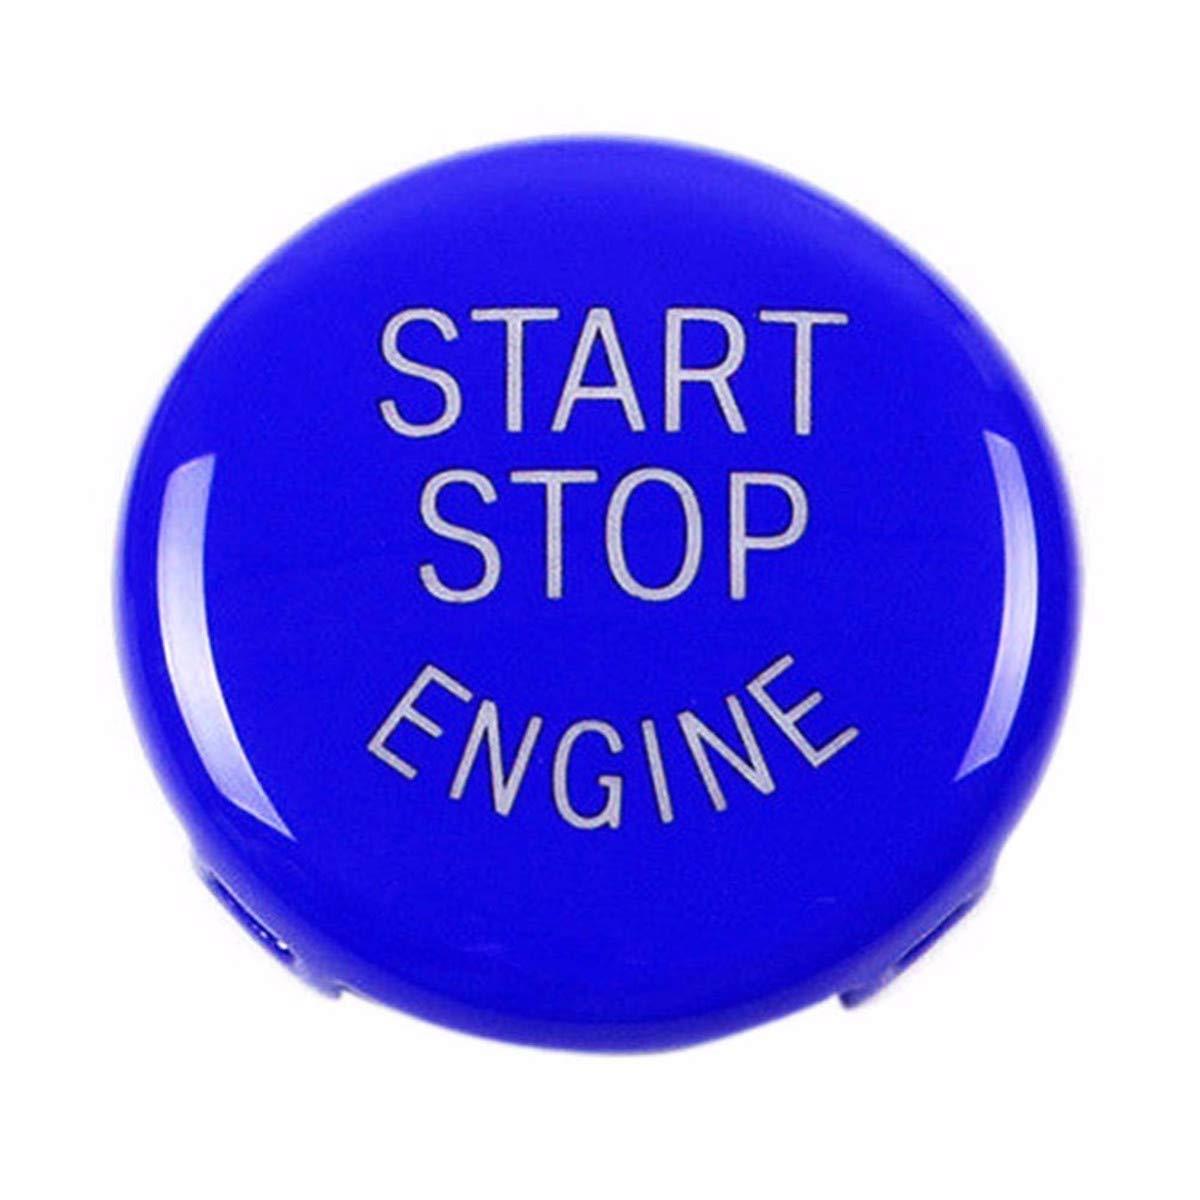 Noir ECYC Accessoires De Voiture Auto Stop Stop Moteur Cl/é Bouton De Moteur Remplacer La Couverture pour BMW X5 E70 X6 E71 3Series E90 E91